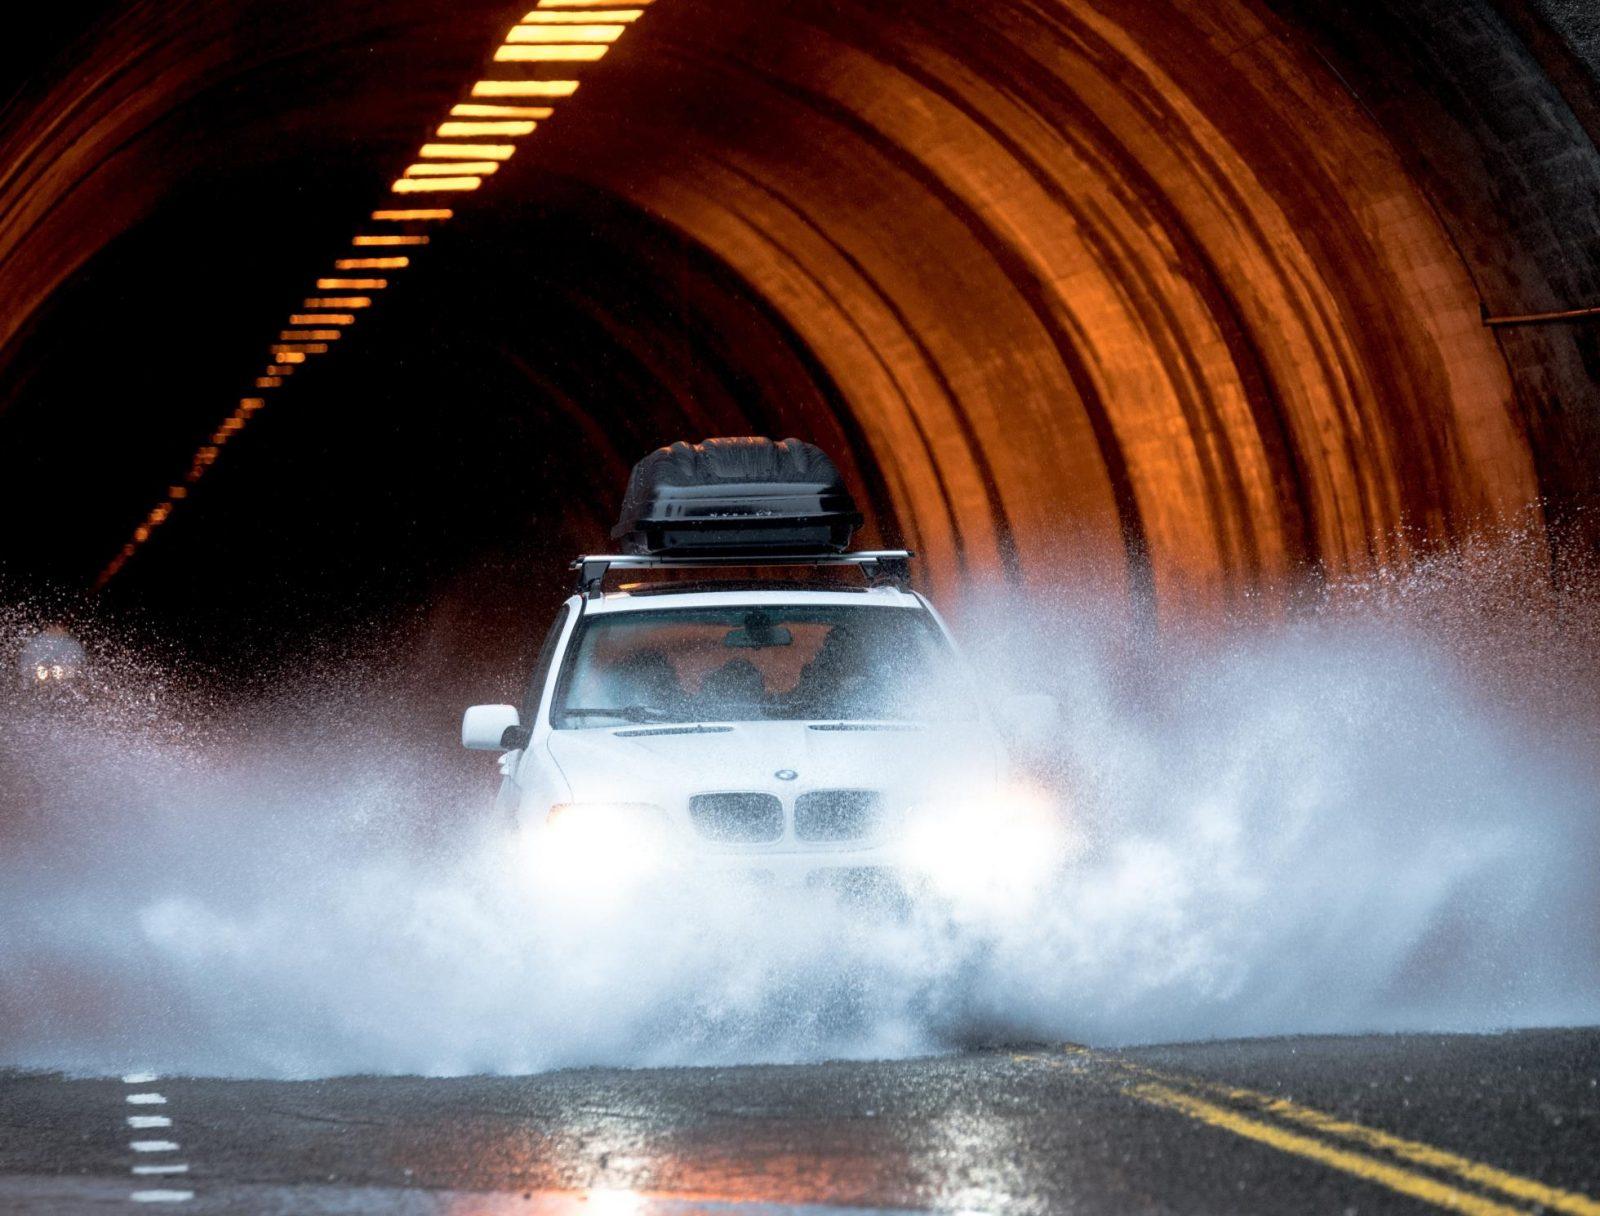 Otoño Lluvia Conducir (3)